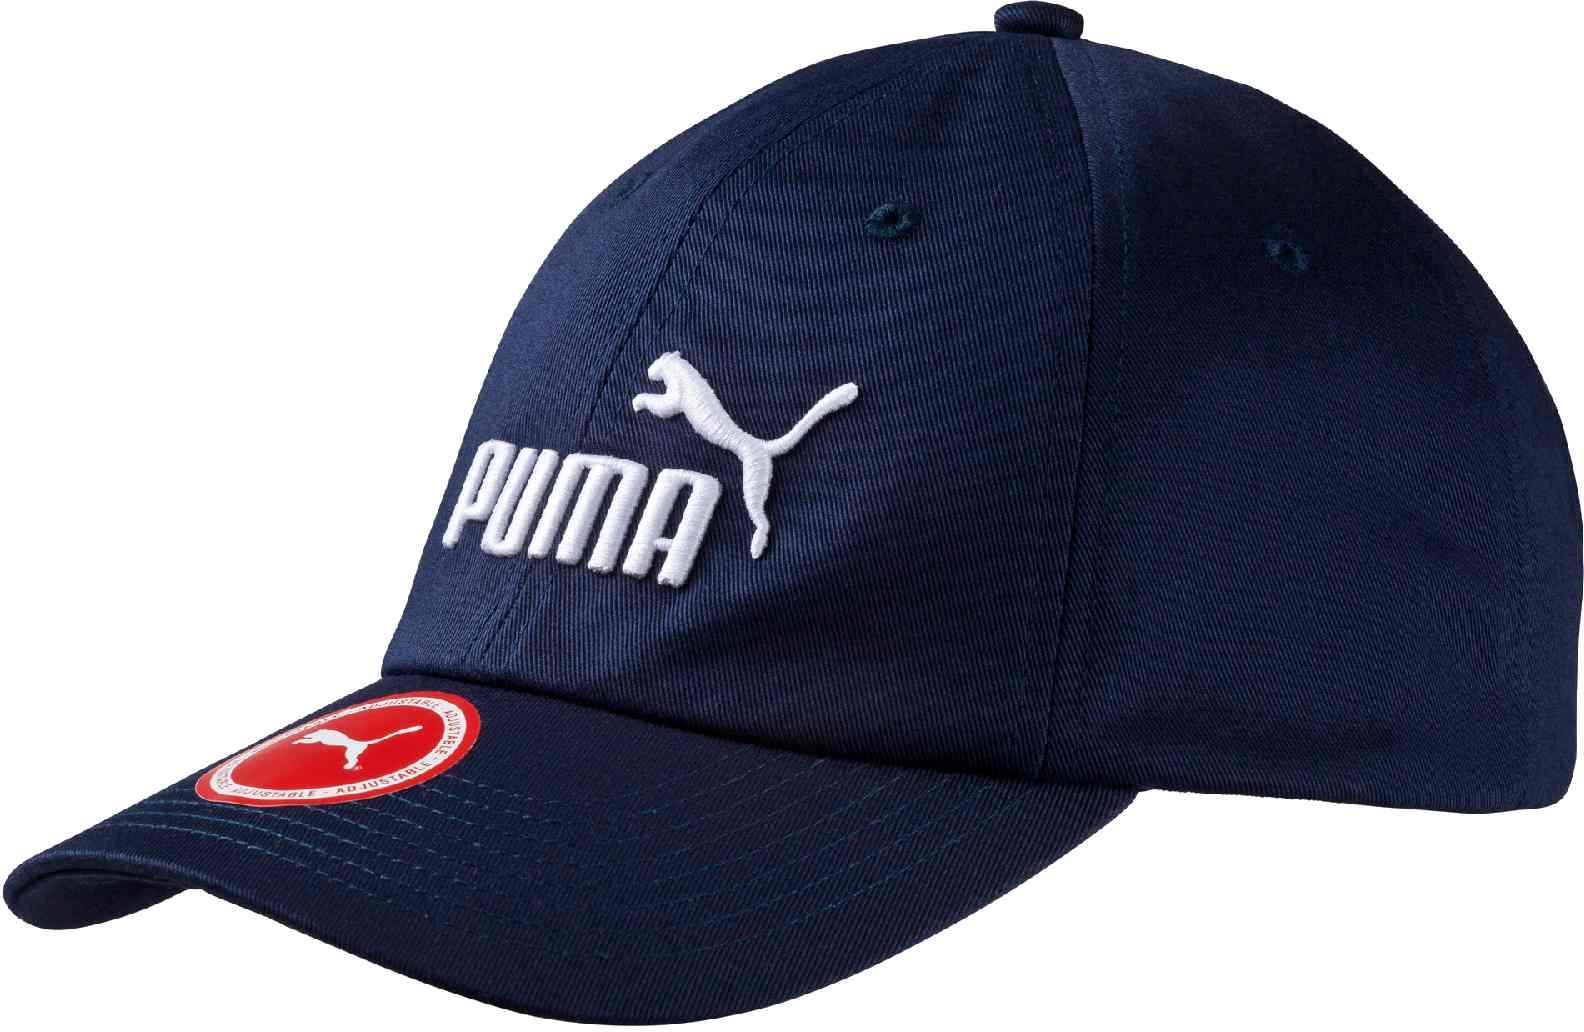 competitive price 3d07c 198f9 ... aliexpress puma ess cap. baseball cap 6654f 112b2